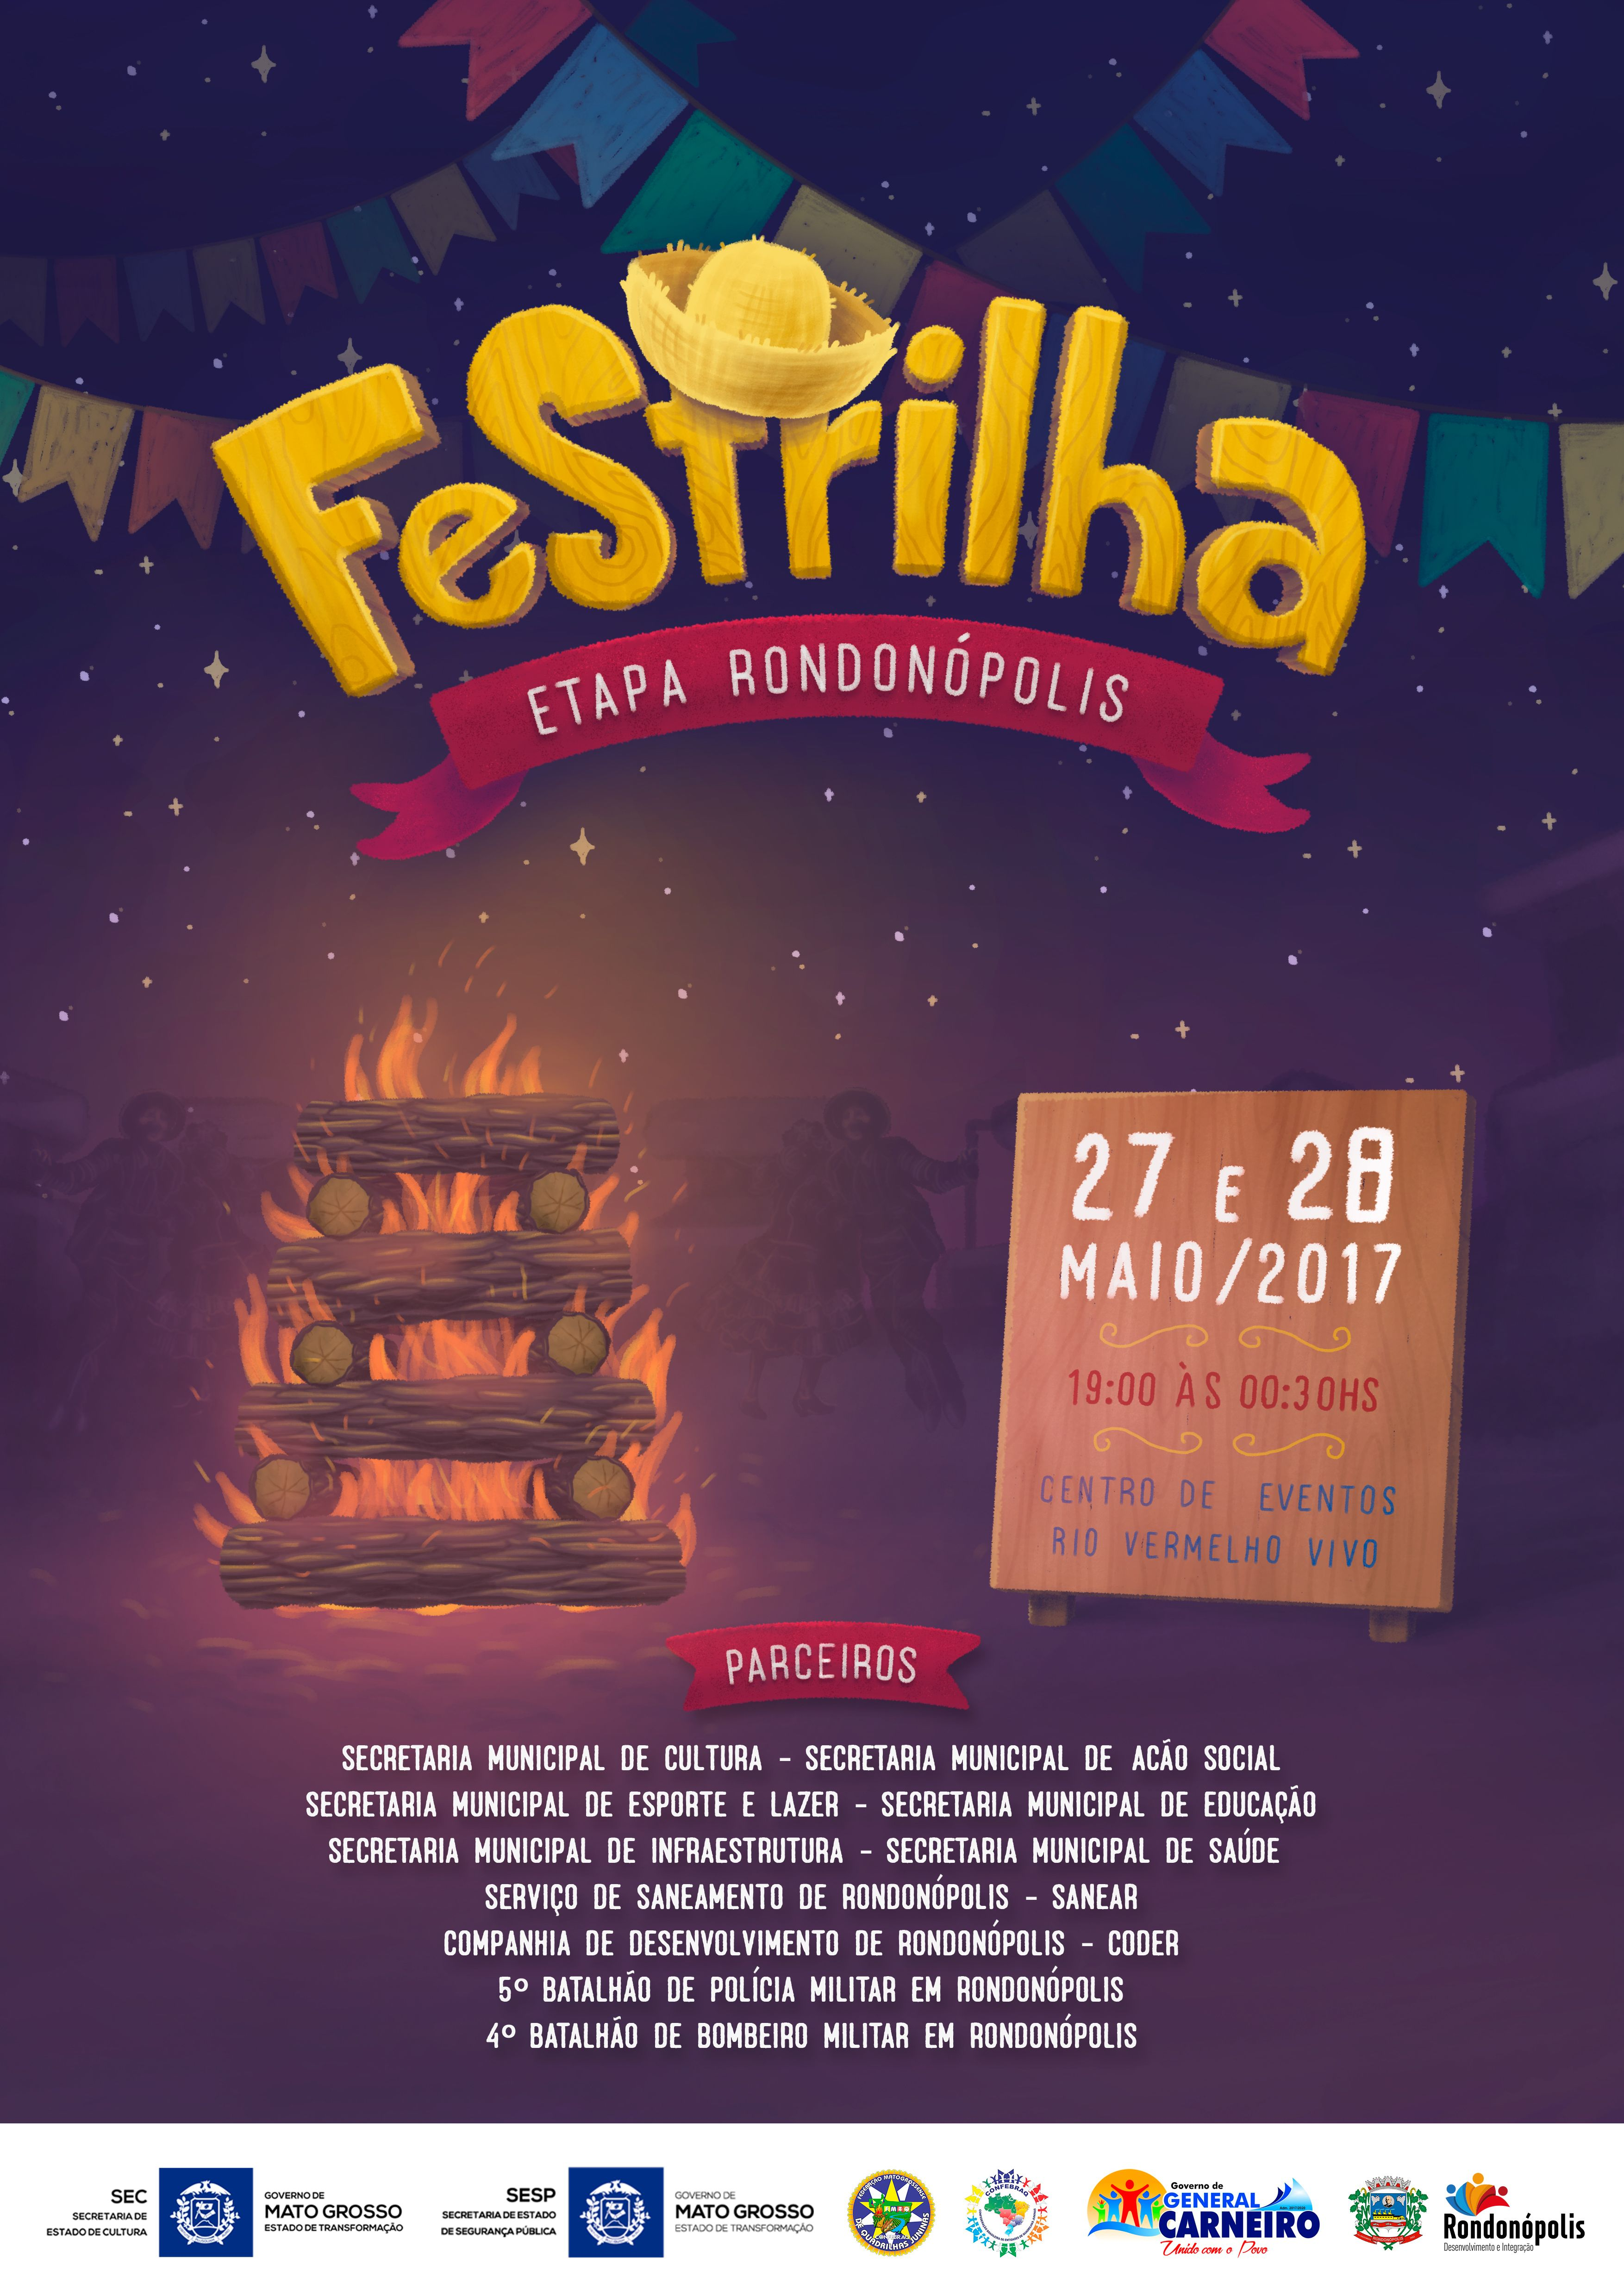 Cartaz Ilustrado para o Festrilha 2017 - Etapa de ROO   São João ... f0c3459c29